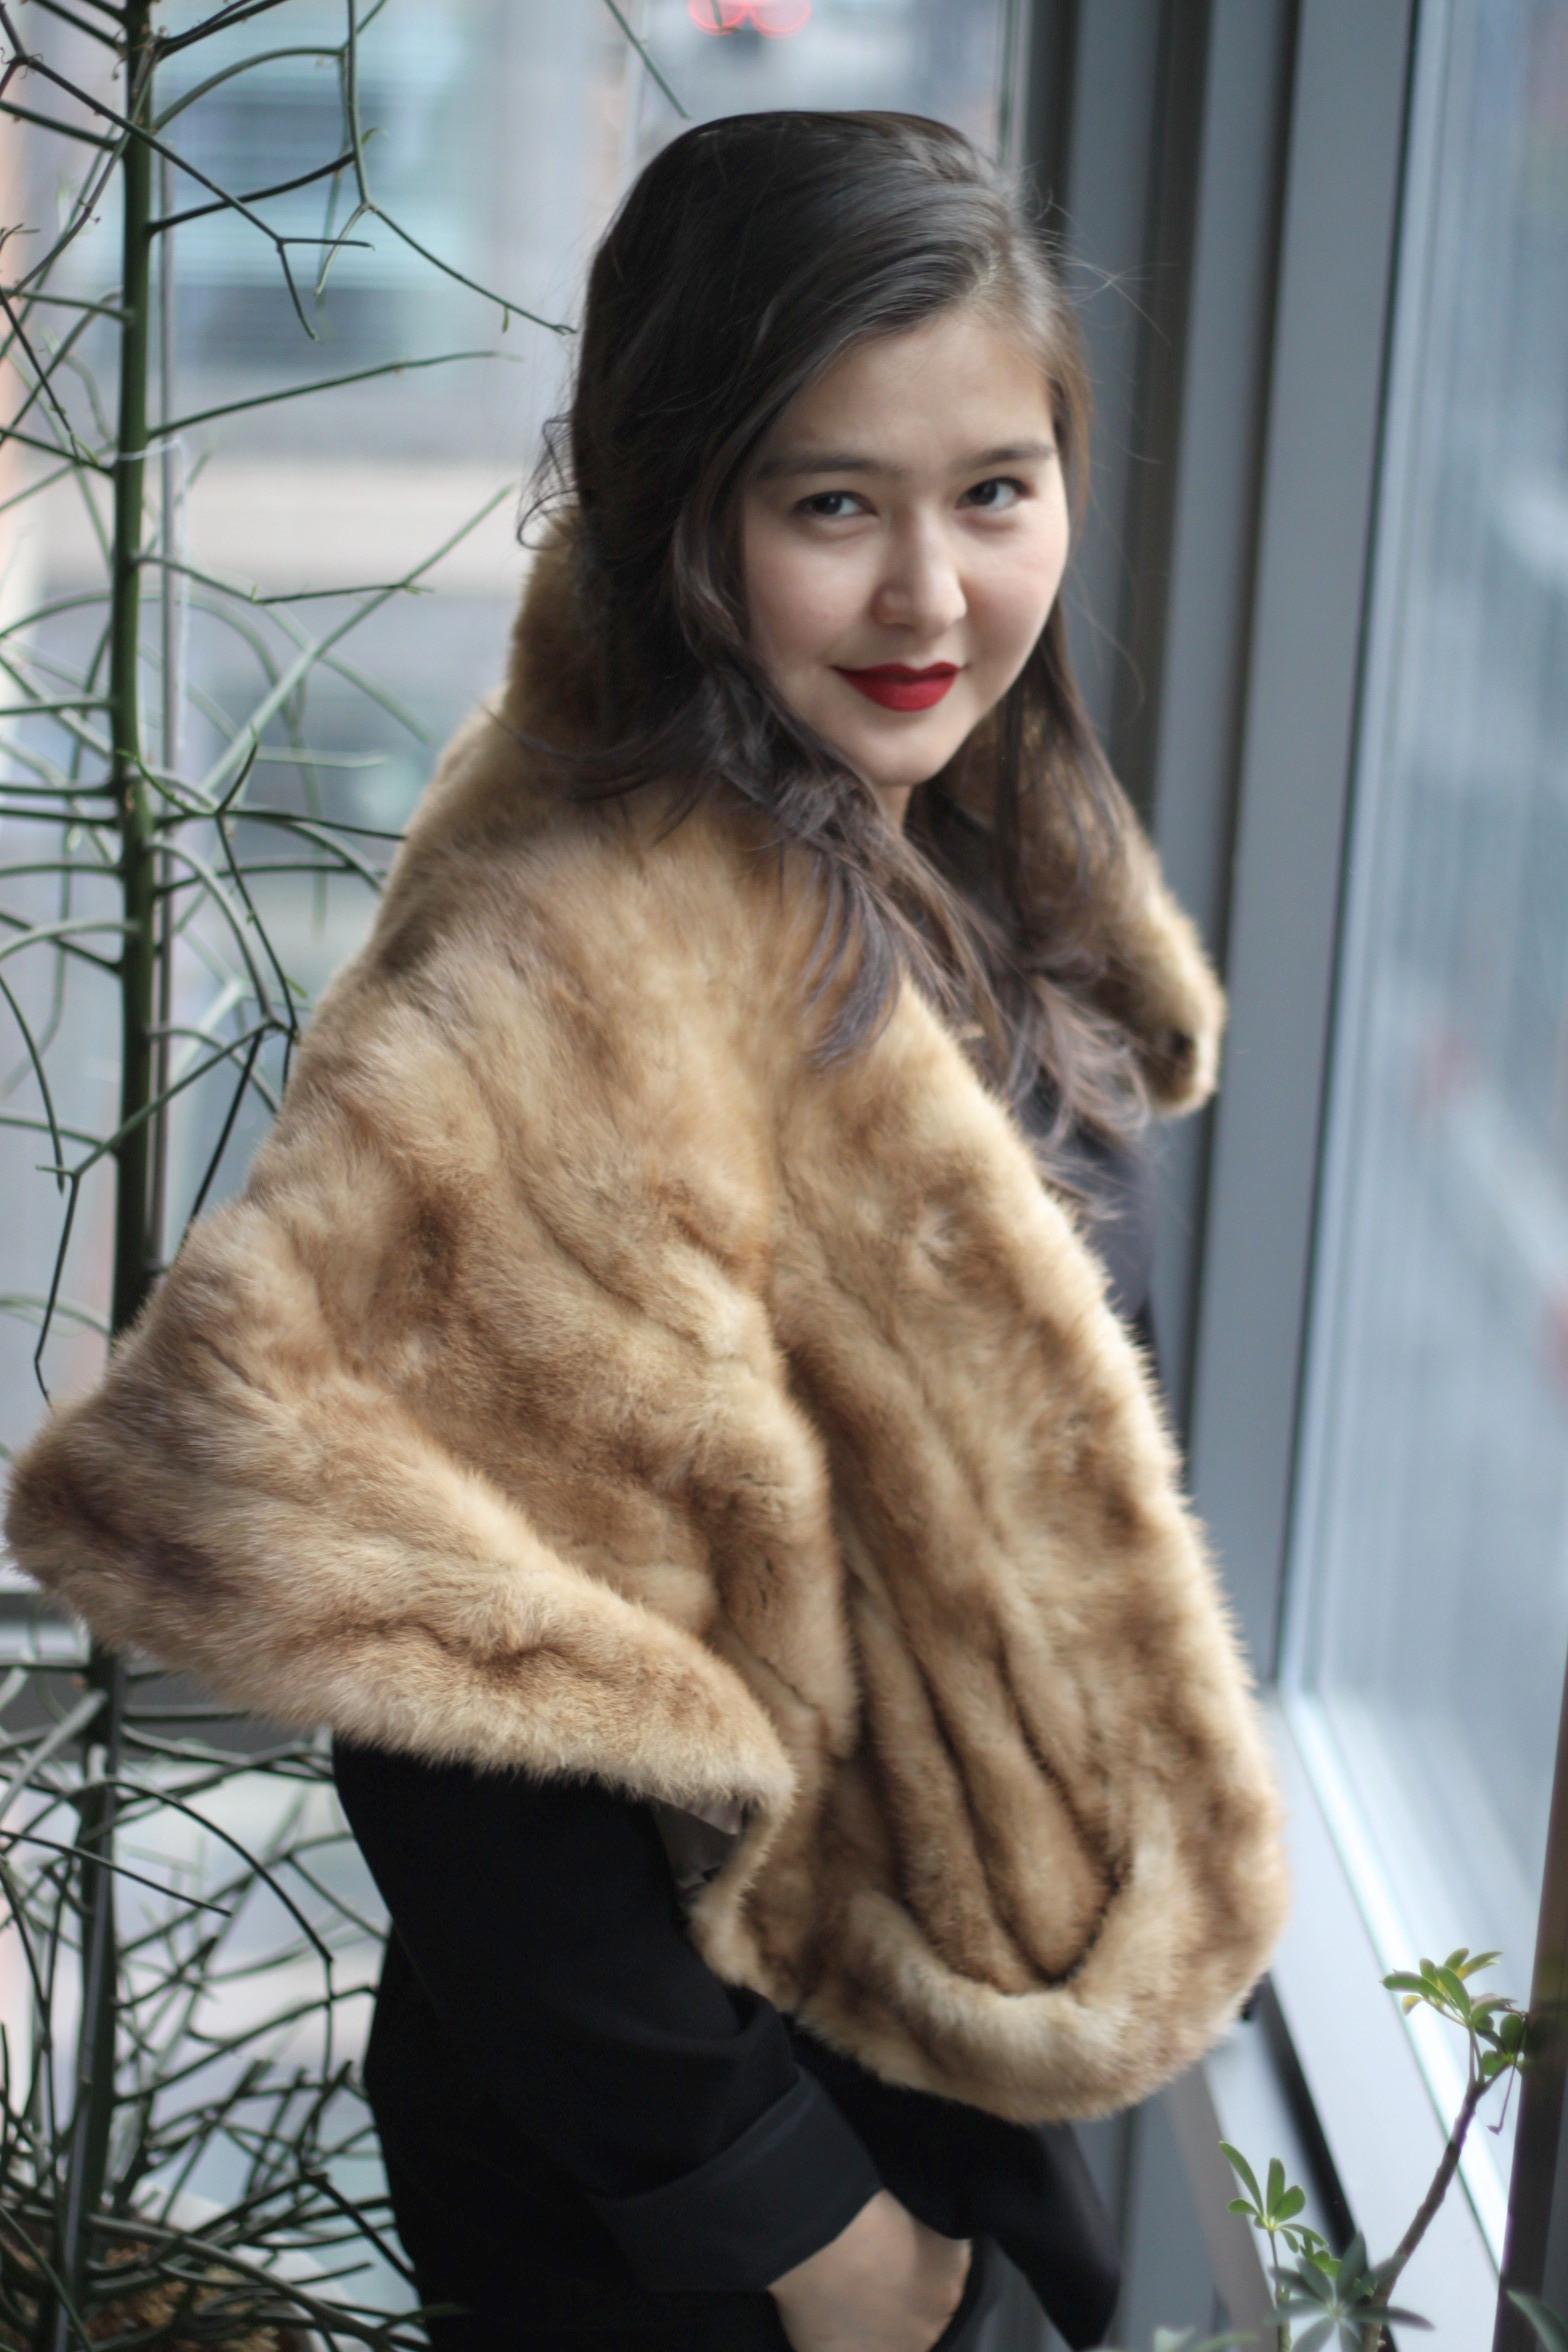 Pants:  Ann Taylor Loft . Peplum Shirt:  H&M.  Blazer: Tahari. Fur Collar: Vintage. Cuff: Present from B. Lips: Nars.